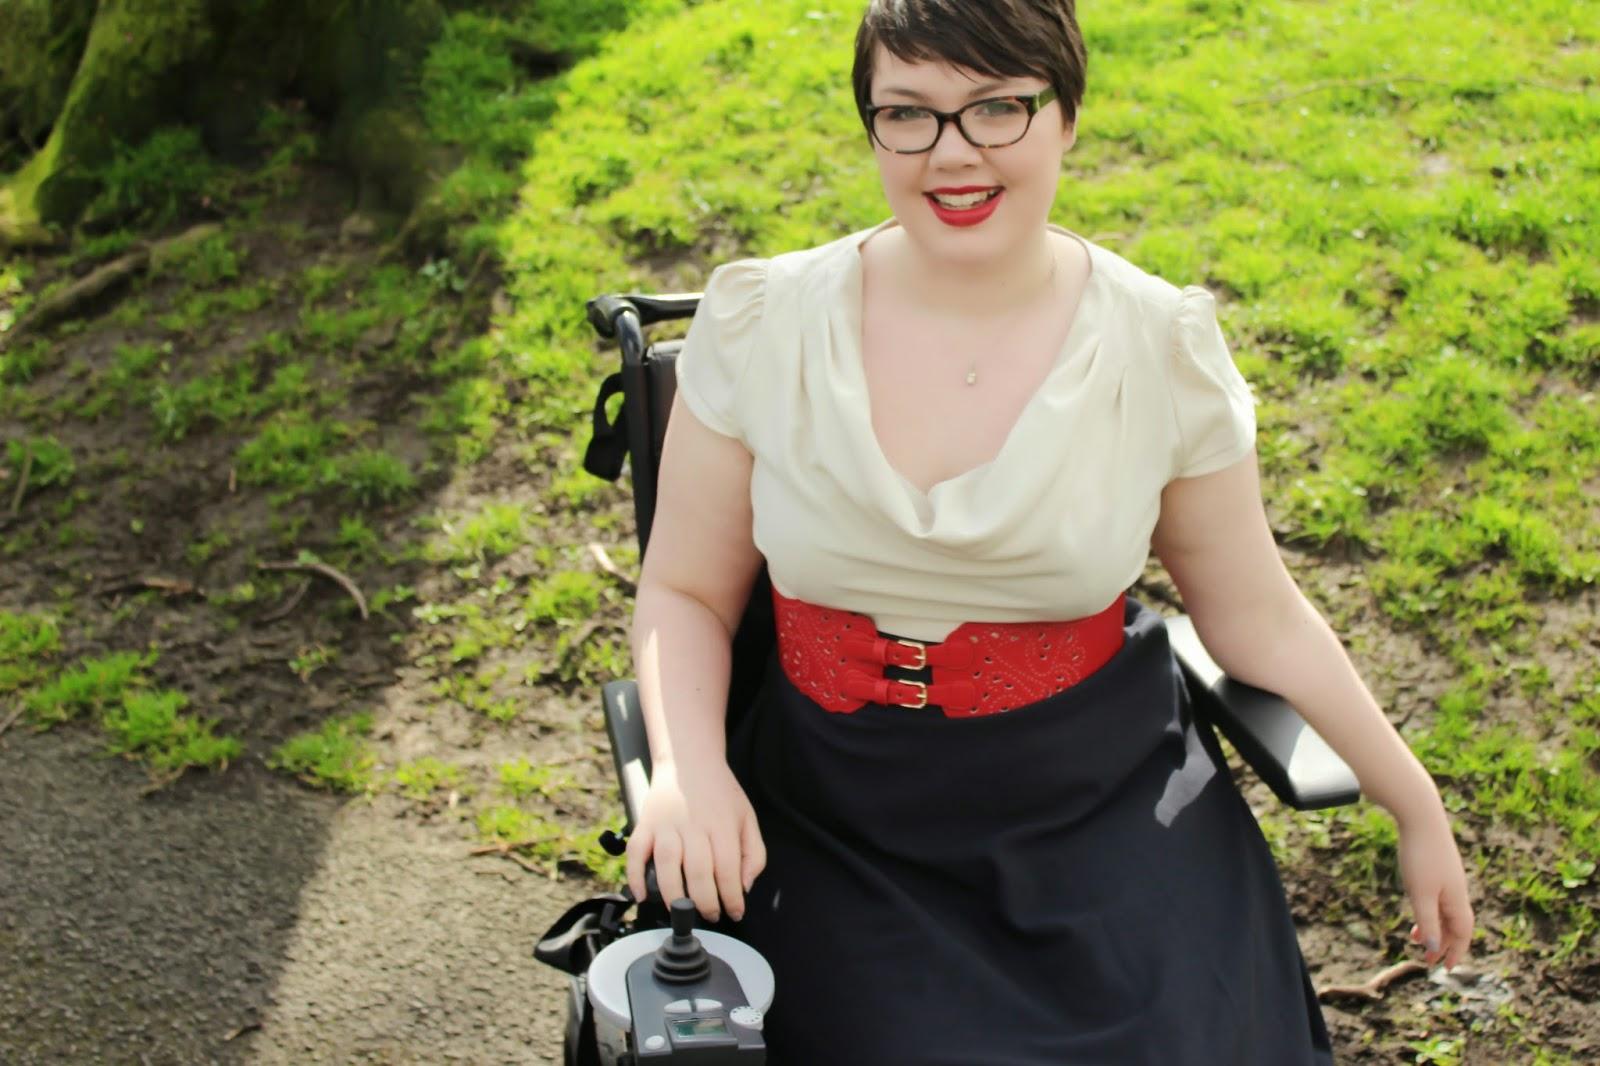 wheelchair hot wheels chair leg glides fashion 39hot 39 wheelingalong24